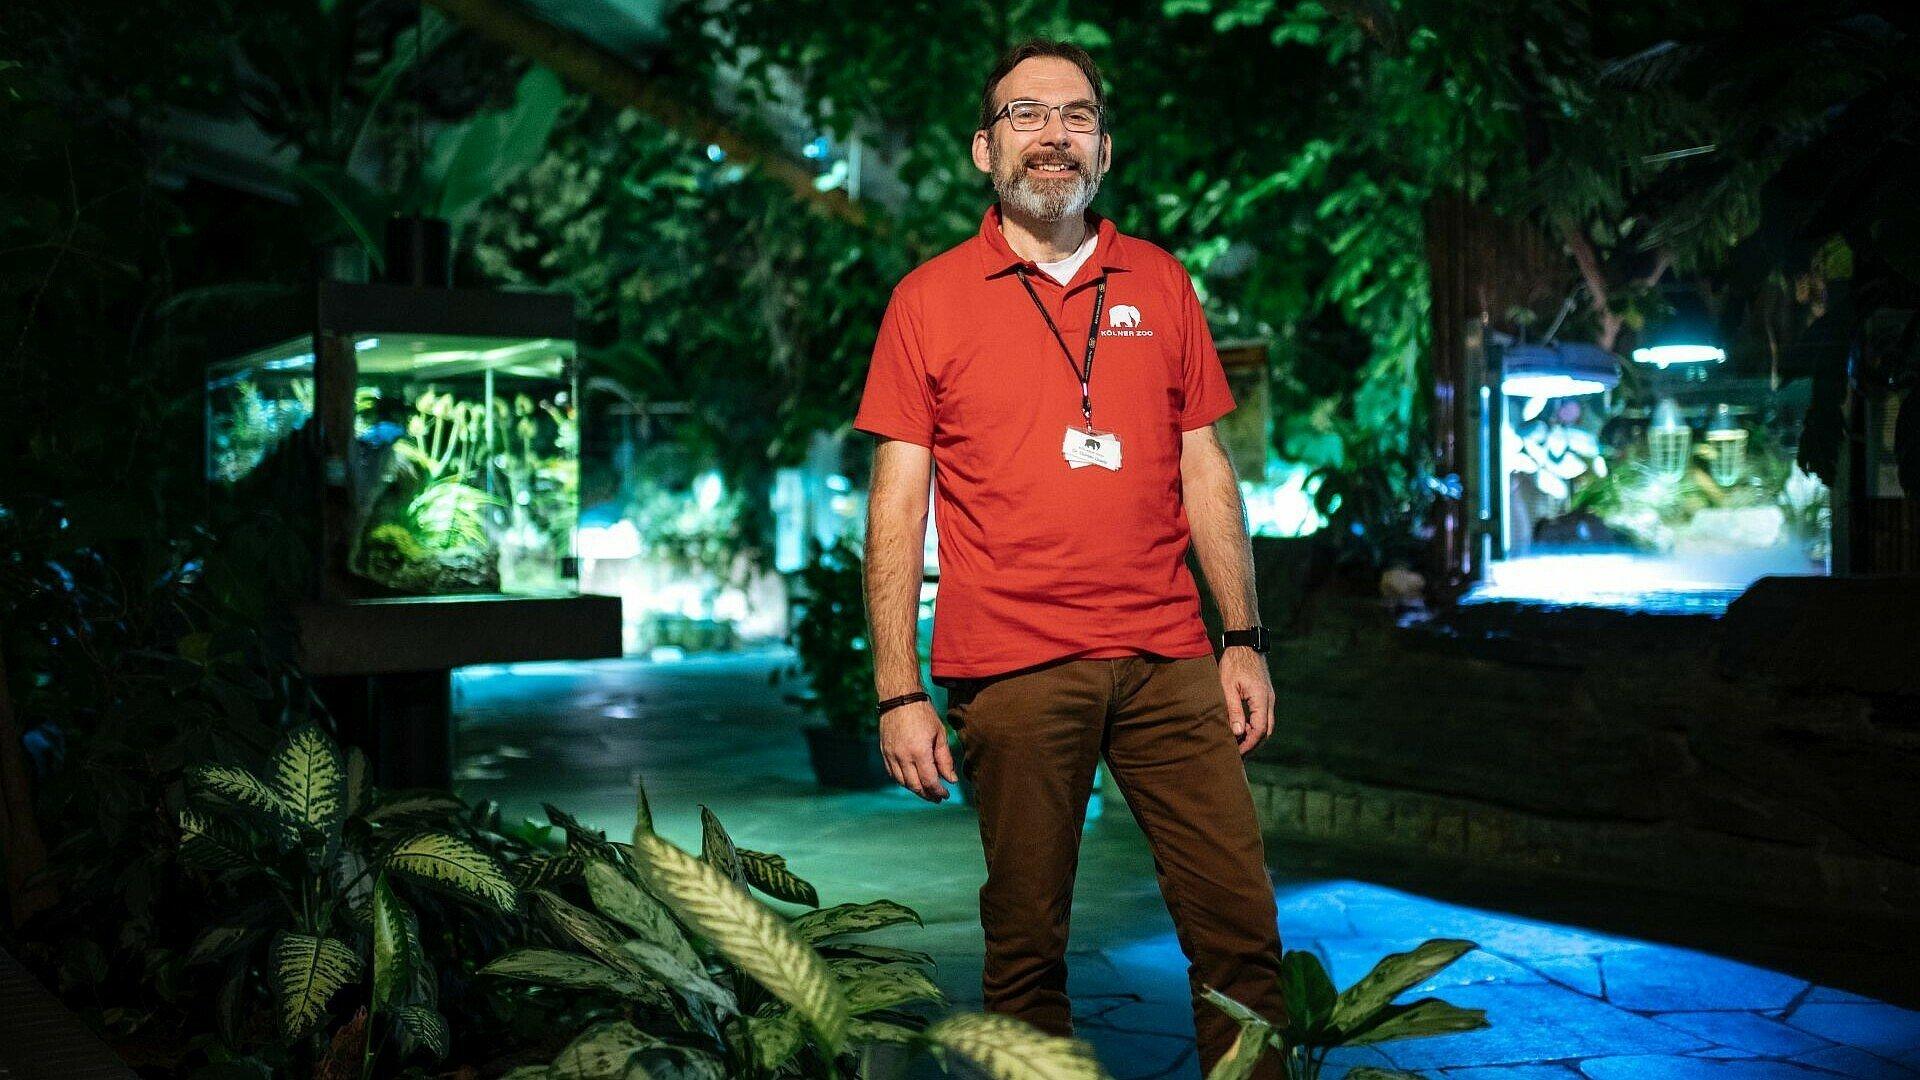 Ehrenamtlicher Zoobegleiter bei der Taschenlampenführung im Kölner Zoo